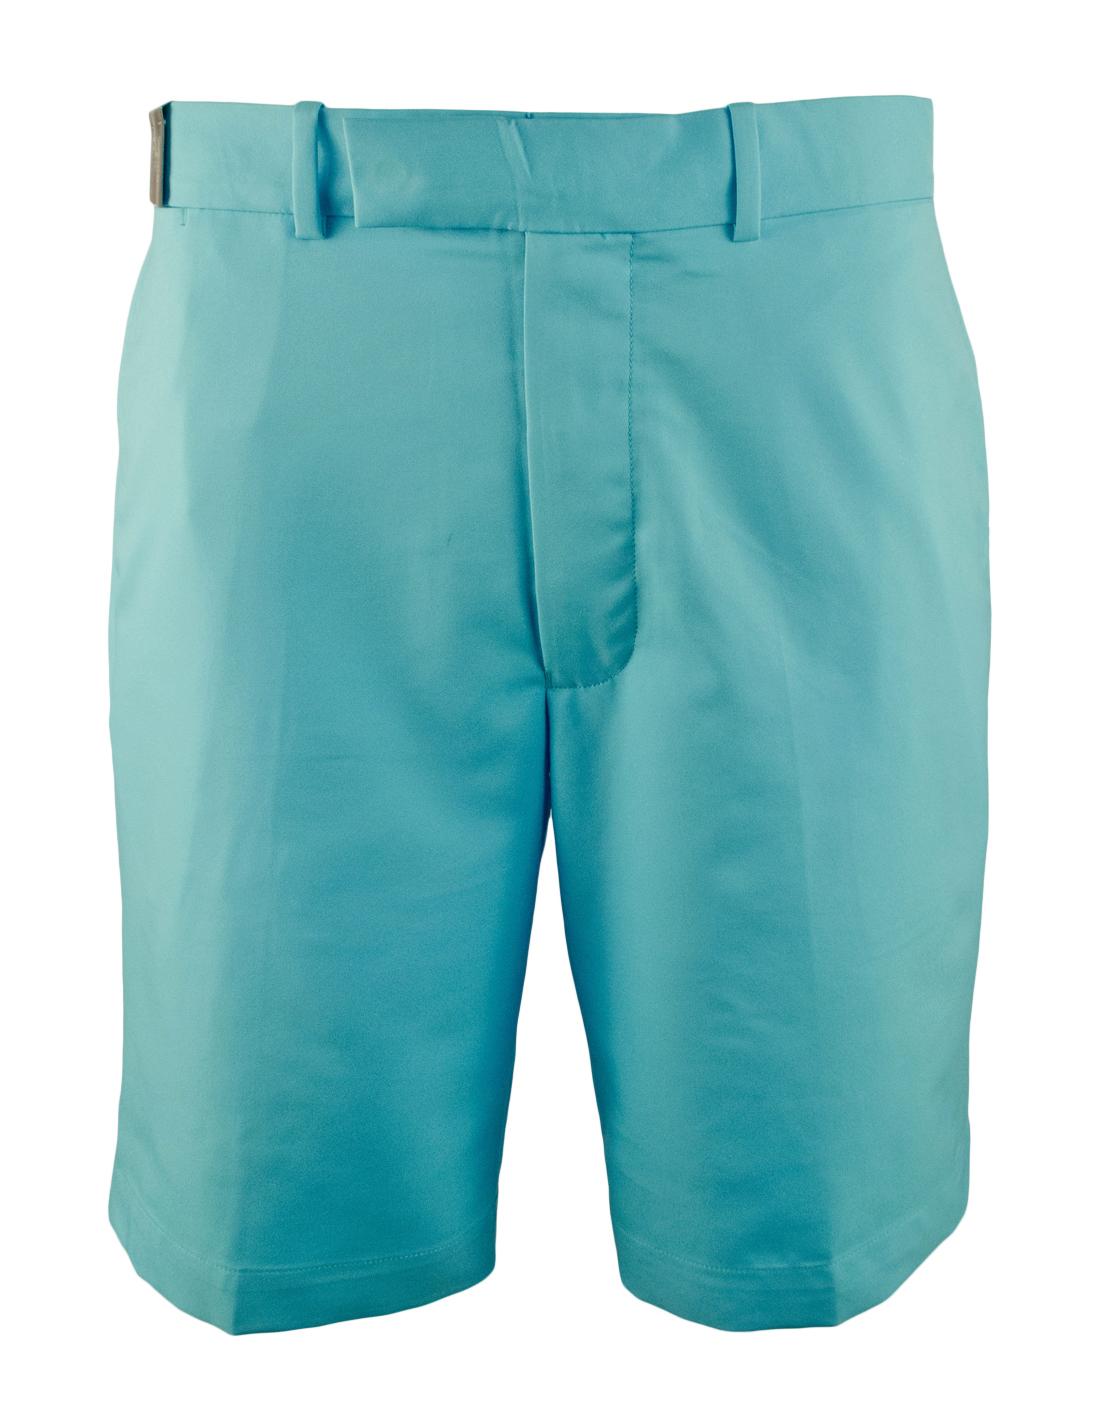 Ralph-Lauren-Golf-RLX-Men-039-s-Cypress-Golf-Shorts